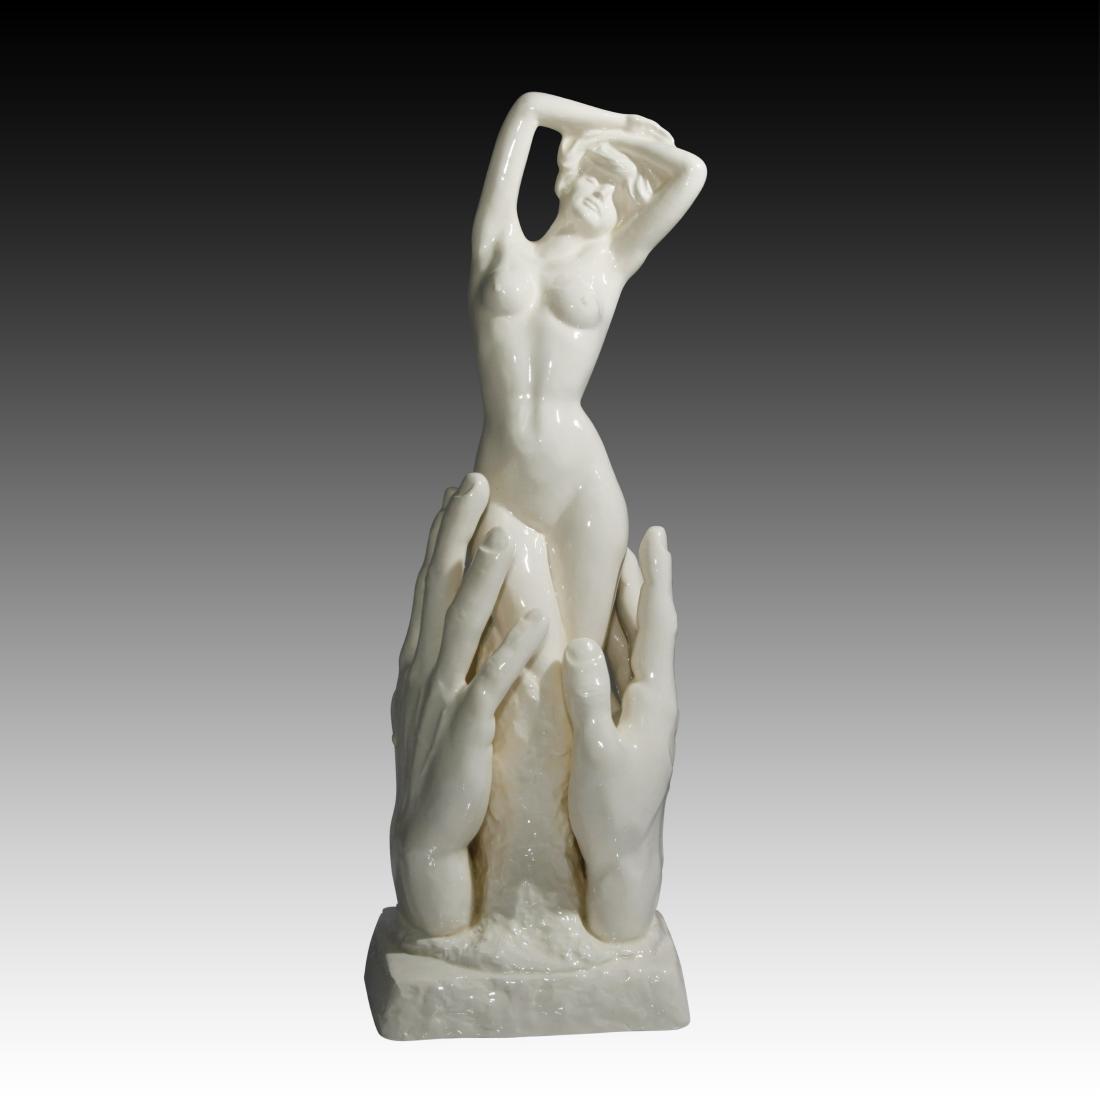 Nude Young Woman In Between Hands Figurine